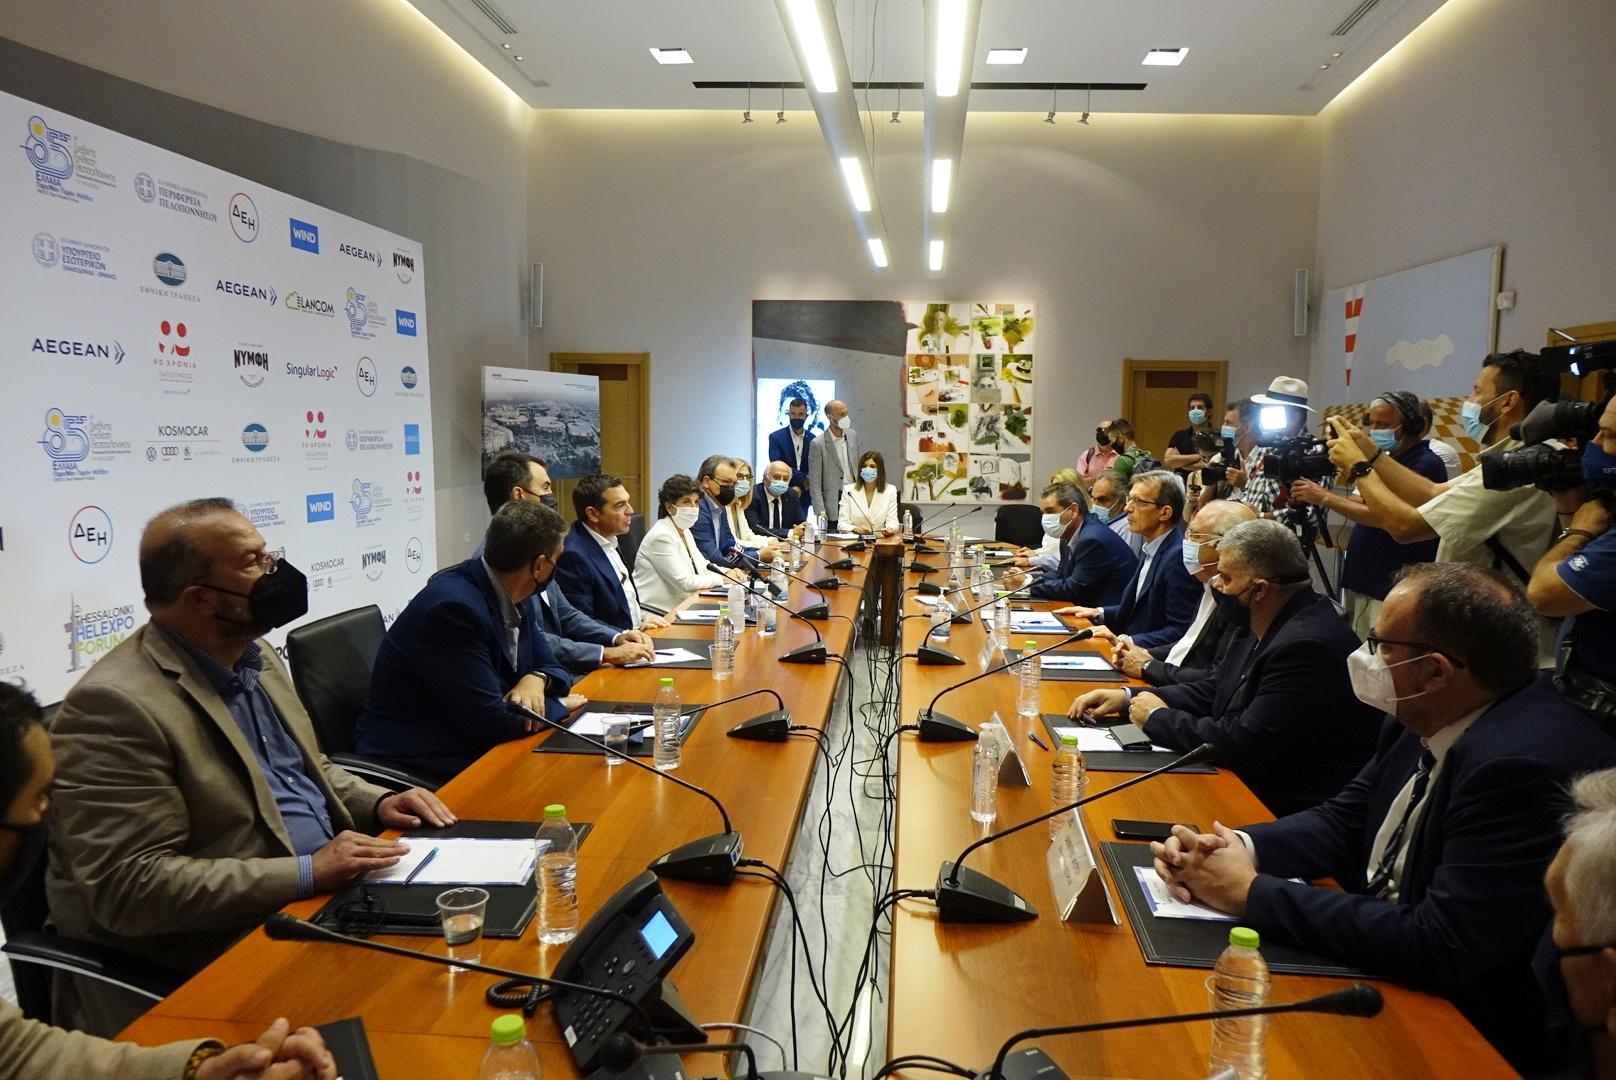 Αλέξης Τσίπρας: Σημαντικός, αναπτυξιακός πόλος η ΔΕΘ για τη Θεσσαλονίκη